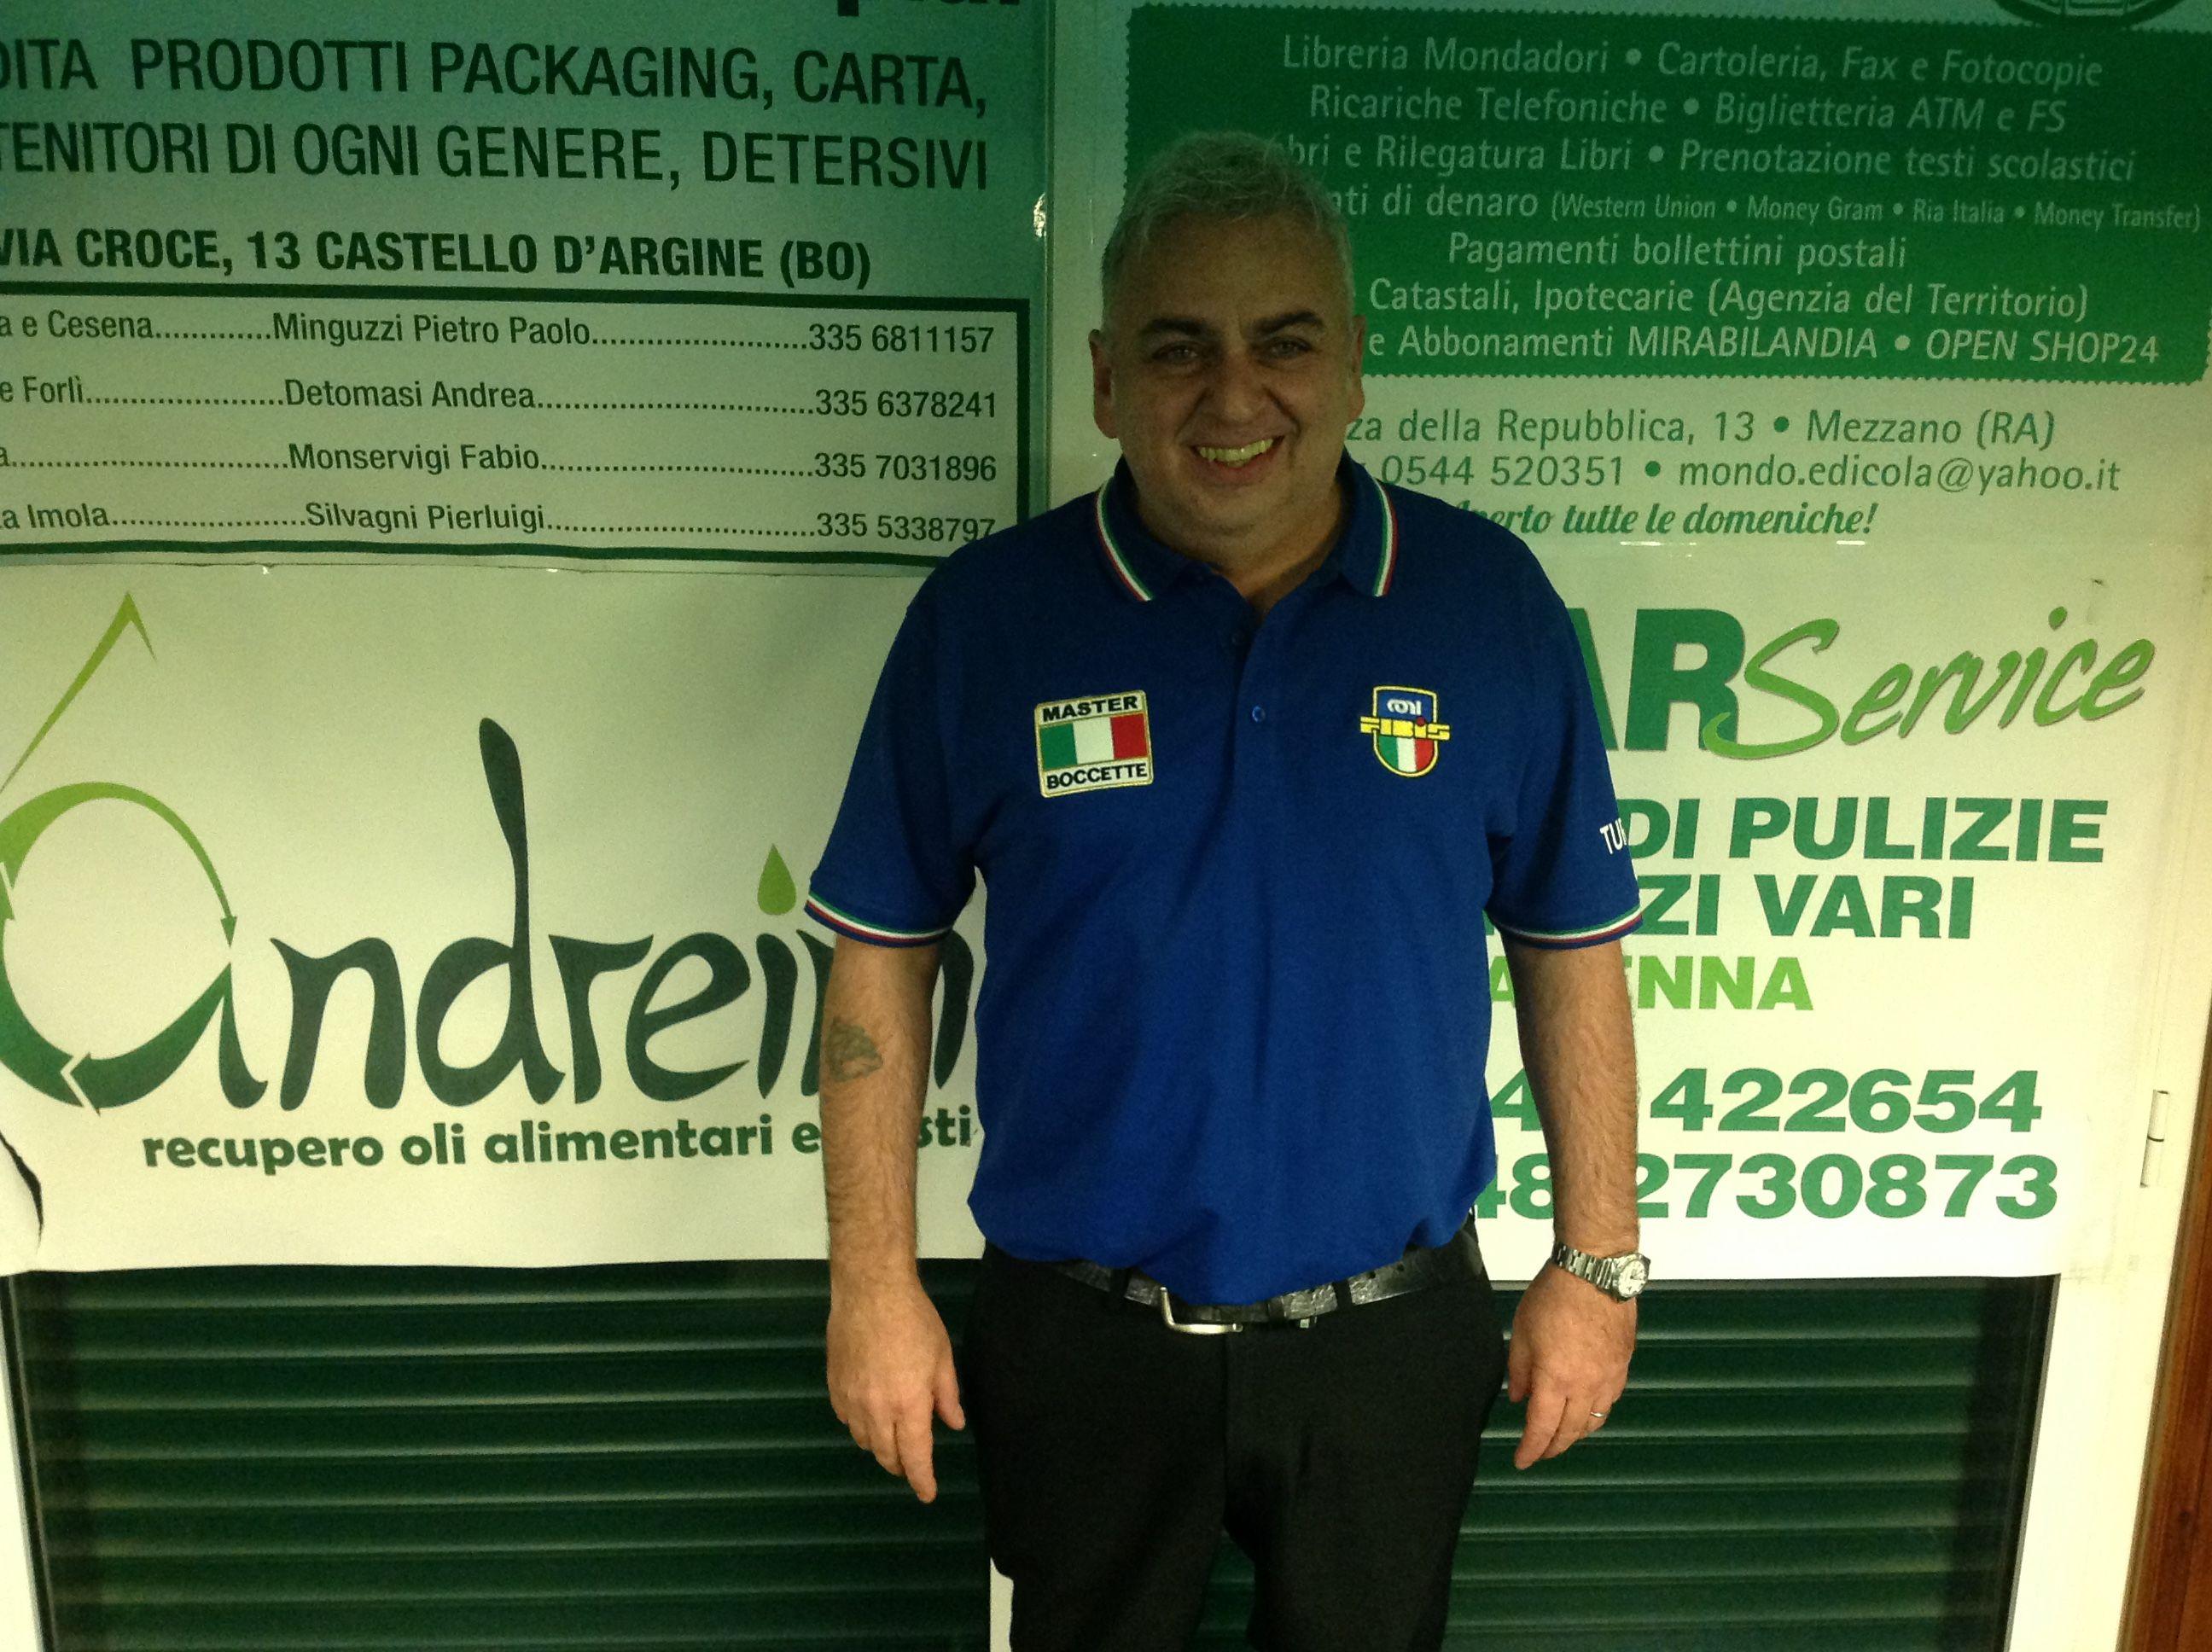 Lorenzo Turroni